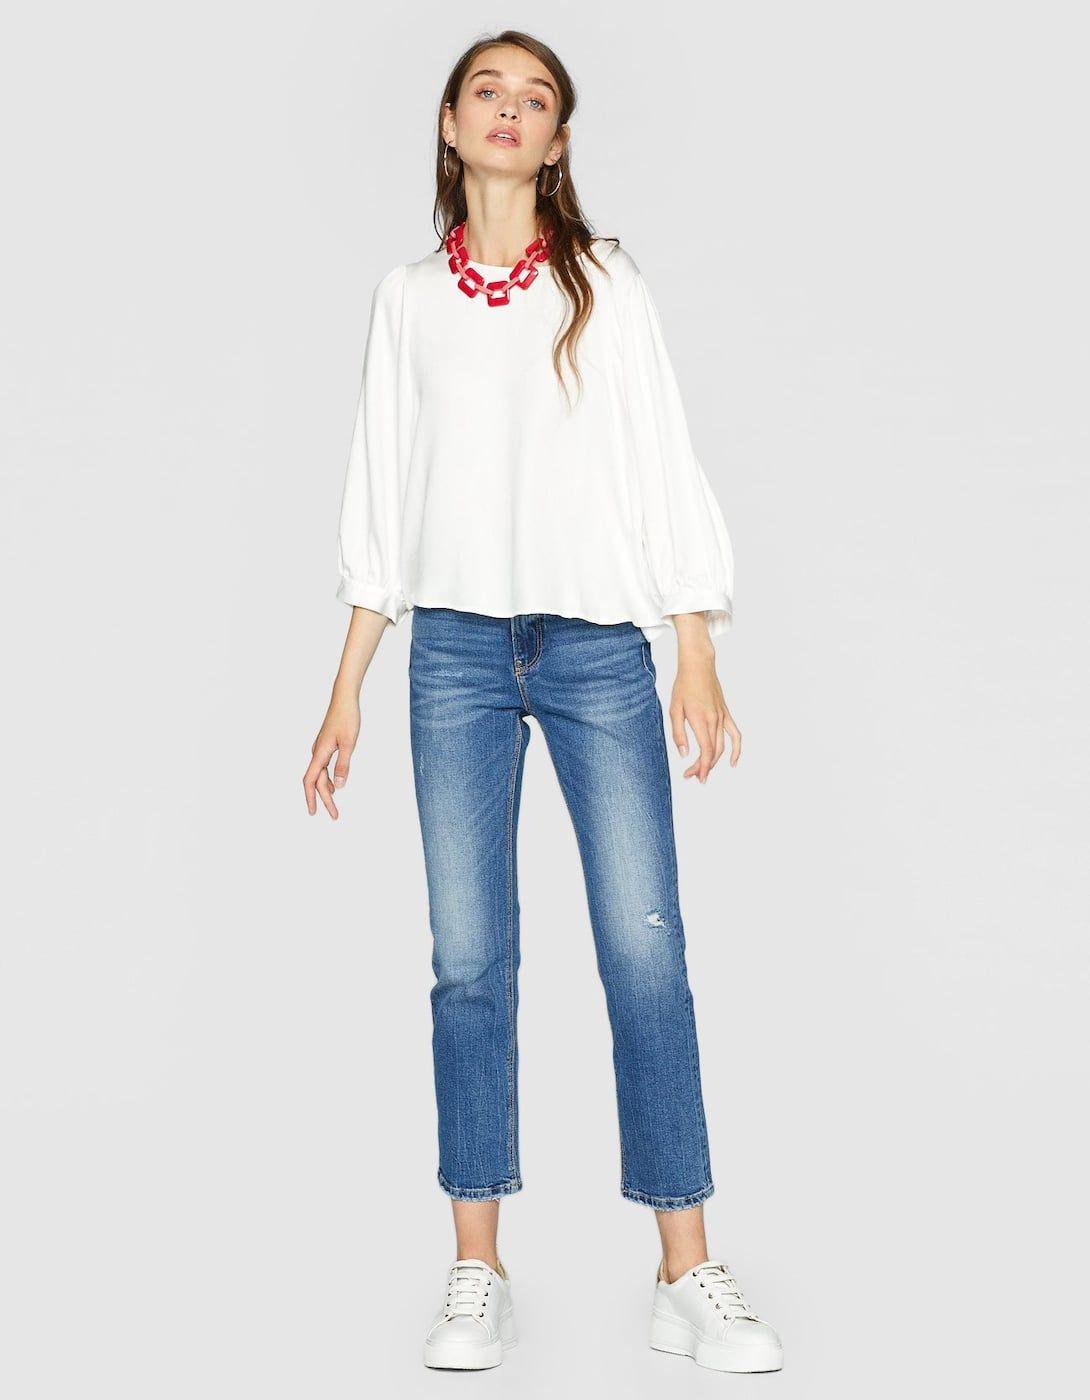 Твоя идеальная модель  как выбрать джинсы по типу фигуры - cosmo.com ... 6717ce0aba1